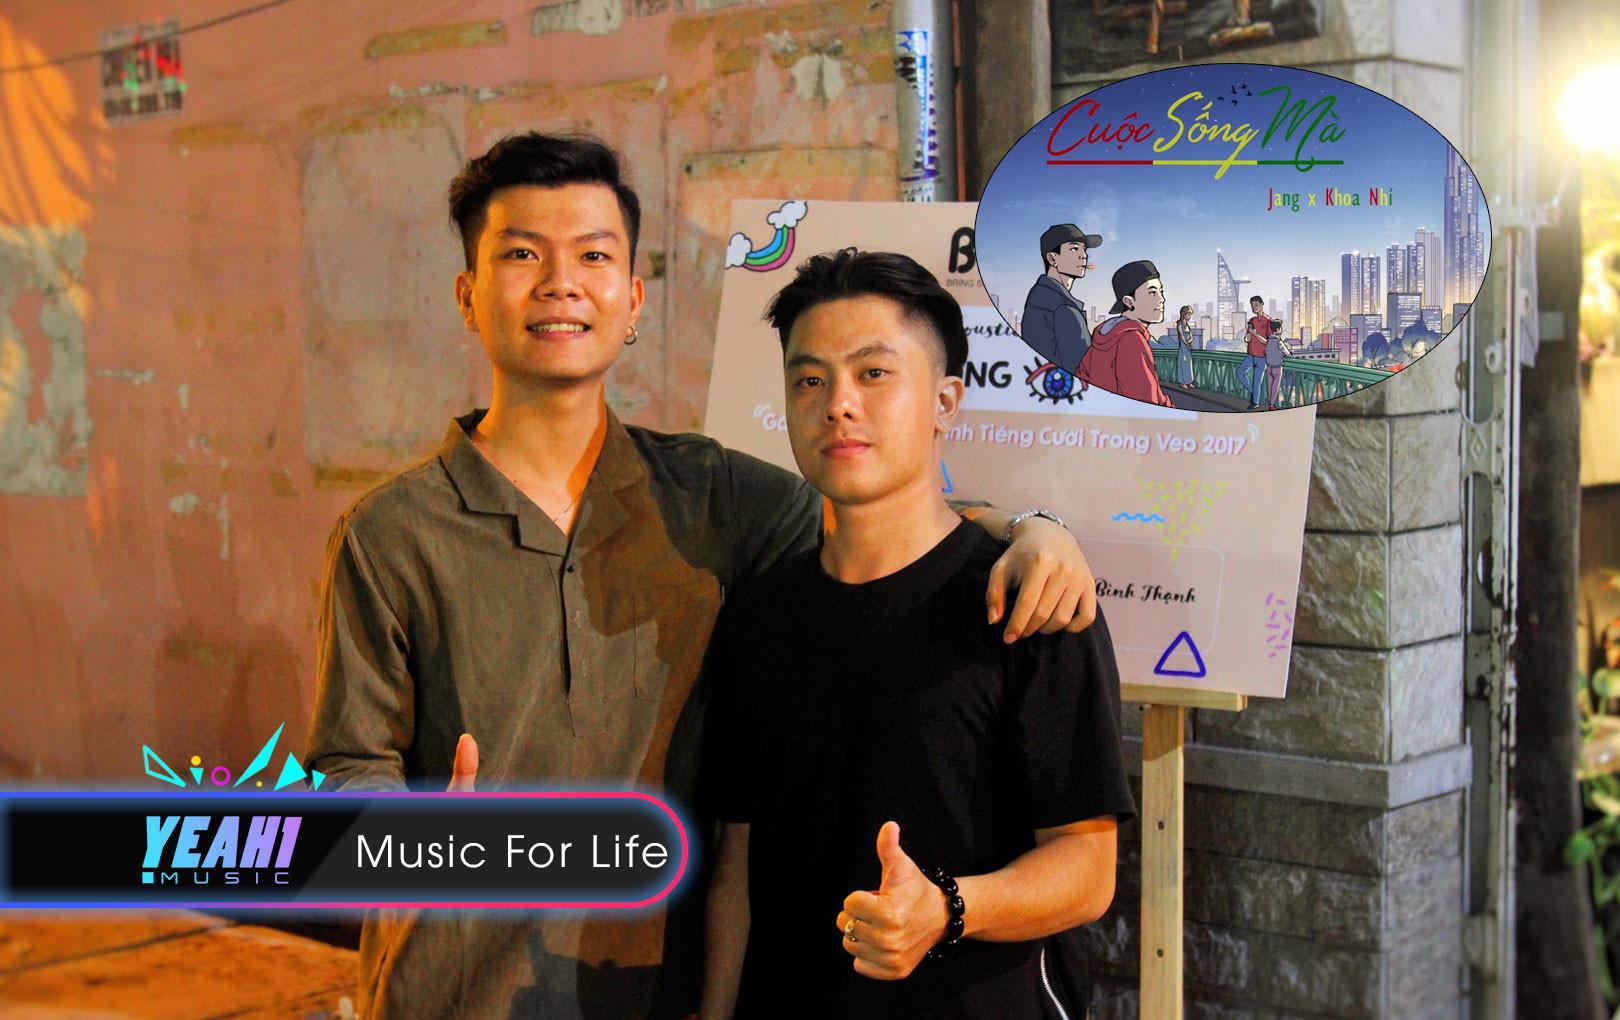 """Cặp đôi Rapper Khoa Nhí - Jang """"khuấy đảo"""" cộng đồng mạng qua ca khúc """"Cuộc sống mà"""""""